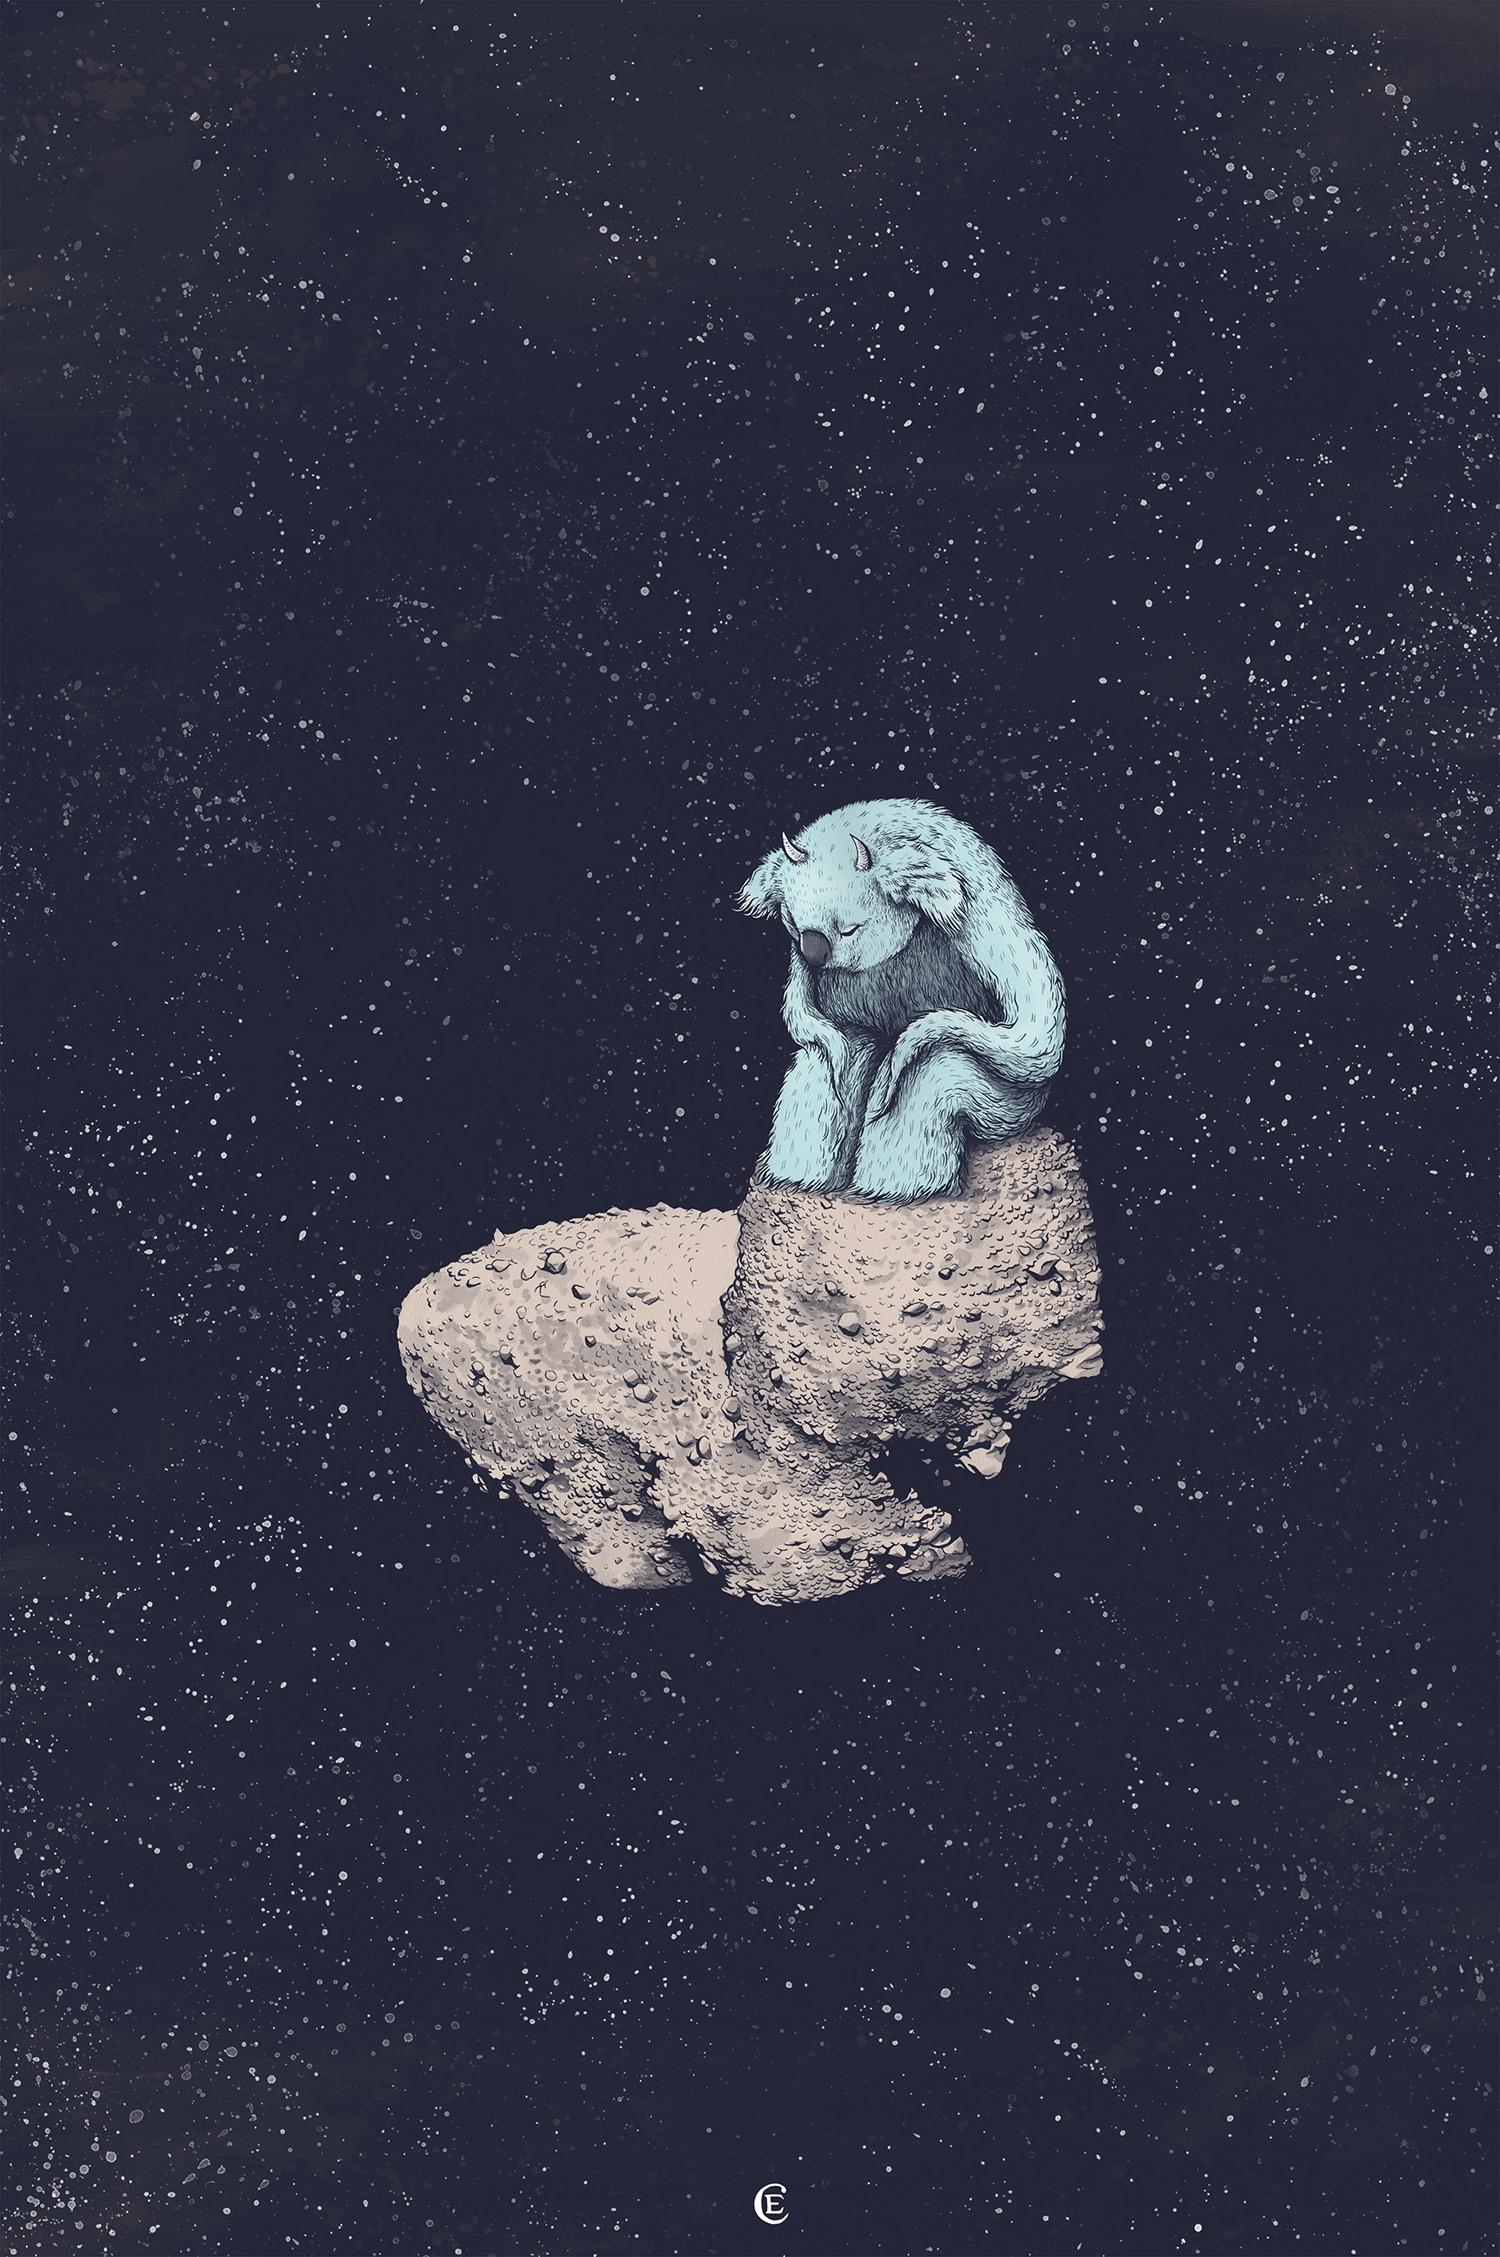 dropbear-ikatawa-asteroid-space-04